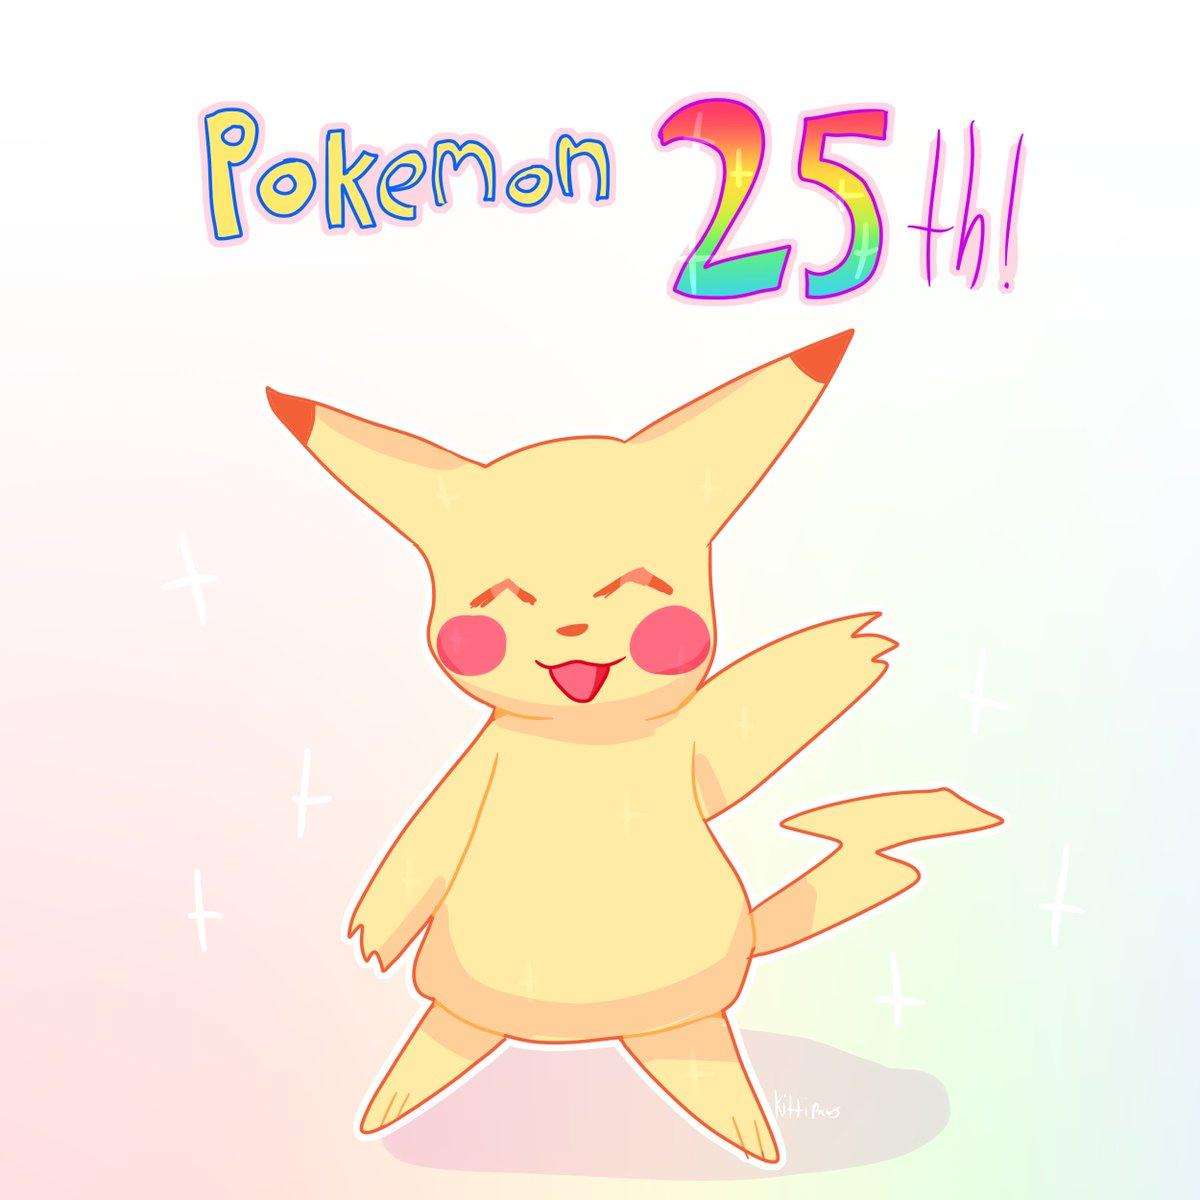 pokemon my beloved #PokemonDay #Pokemon25thAnniversary